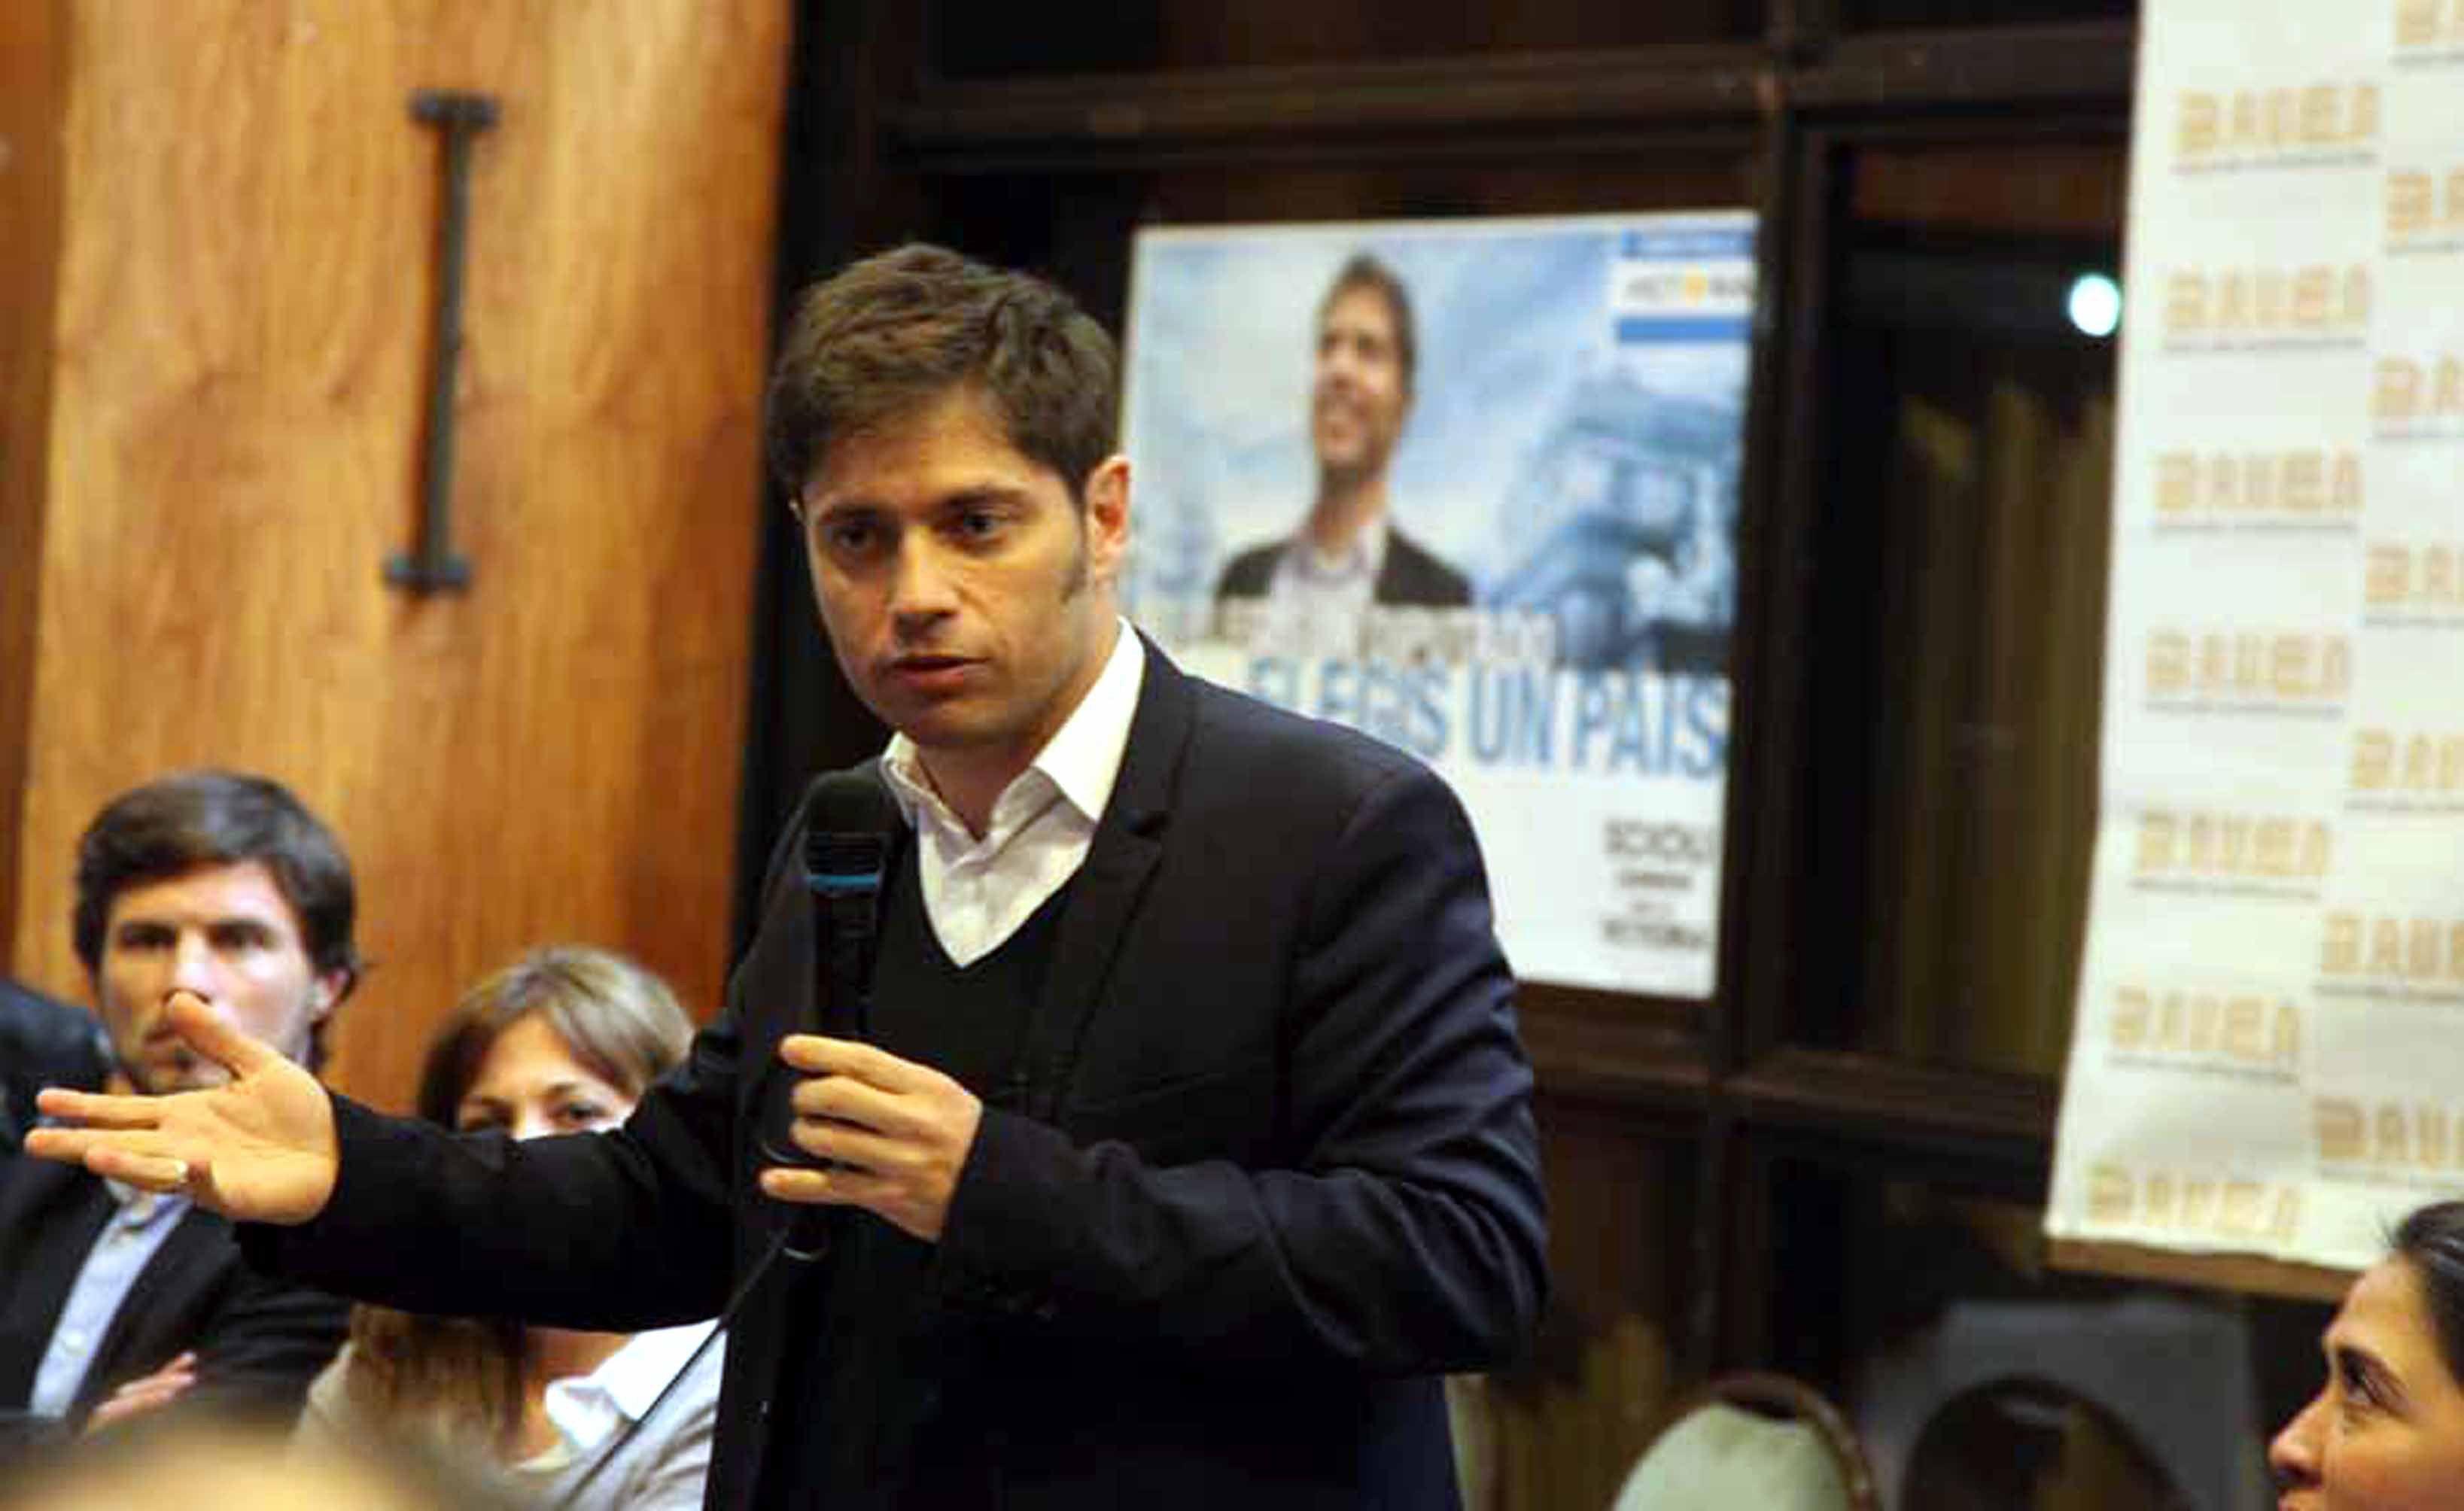 Kicillof: Macri está intentando de cualquier manera arreglar con los fondos buitre